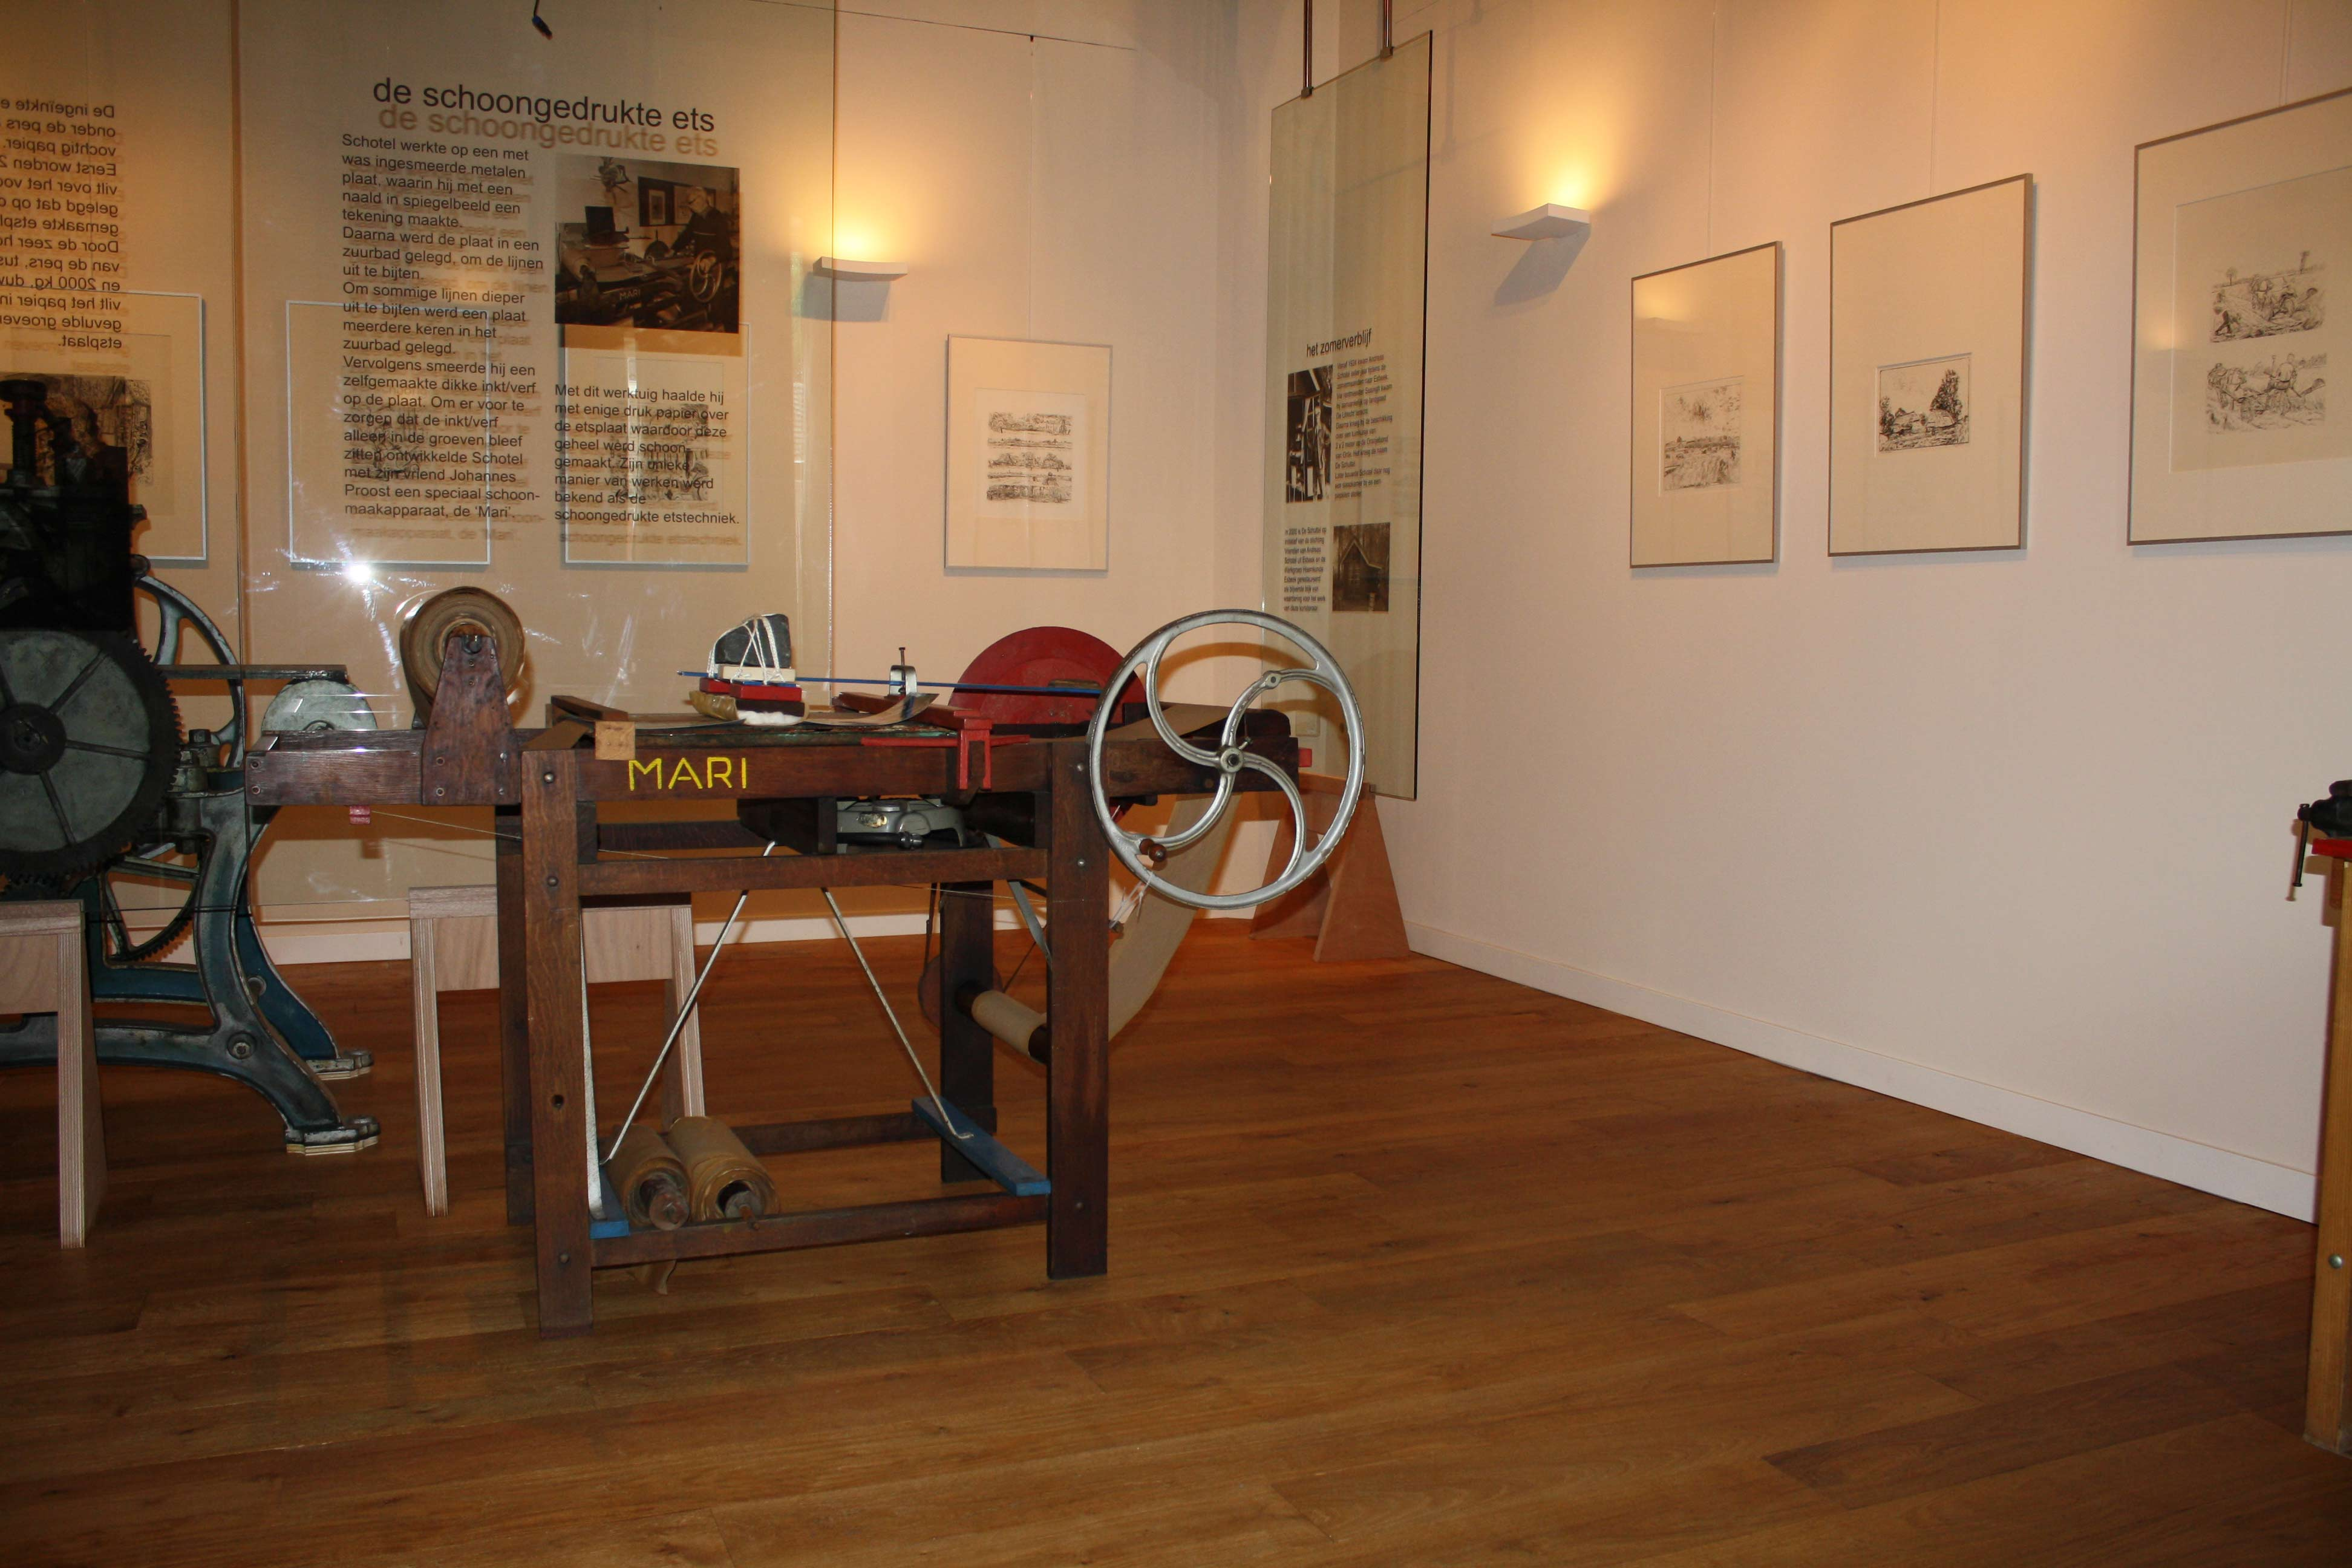 In mei 2009 is het Andreas Schotel museum geopend. Het is gevestigd in het pand van café Schuttershof aan de Dorpsstraat in Esbeek.